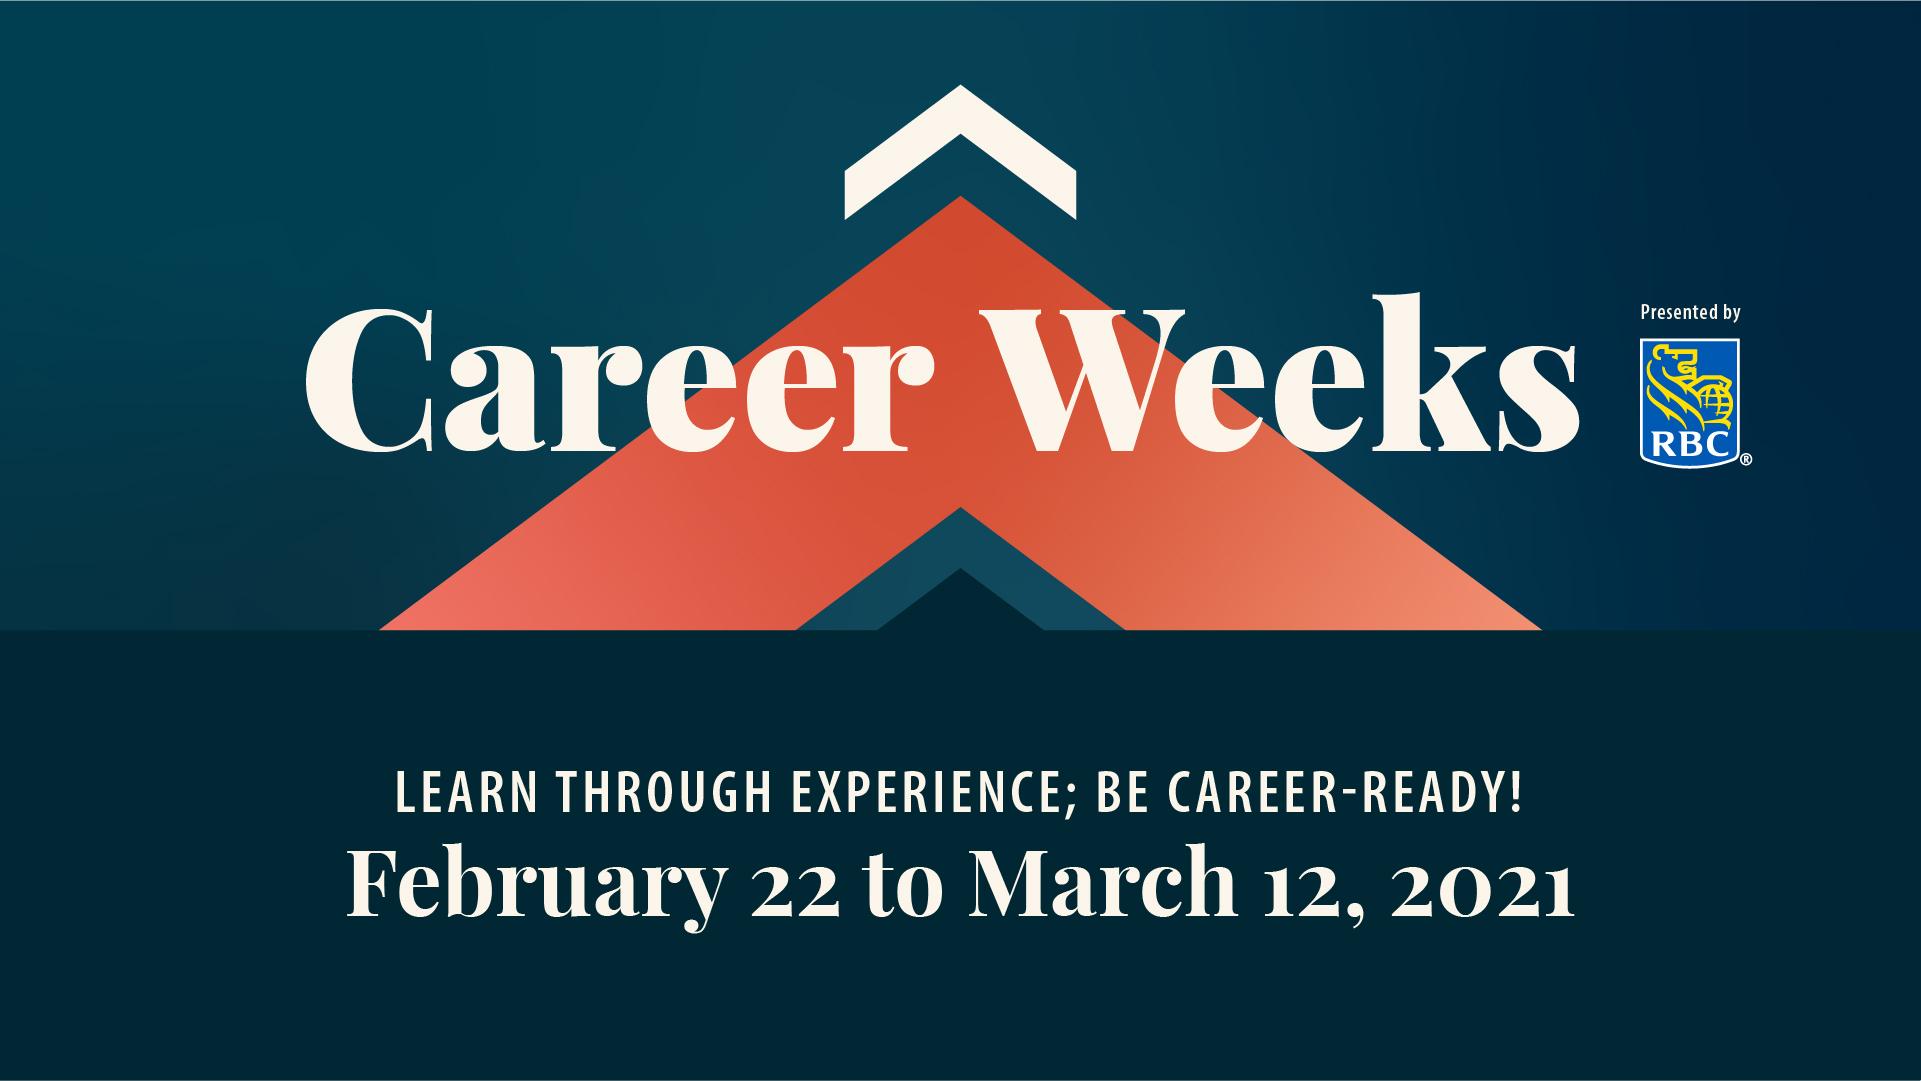 Career Weeks